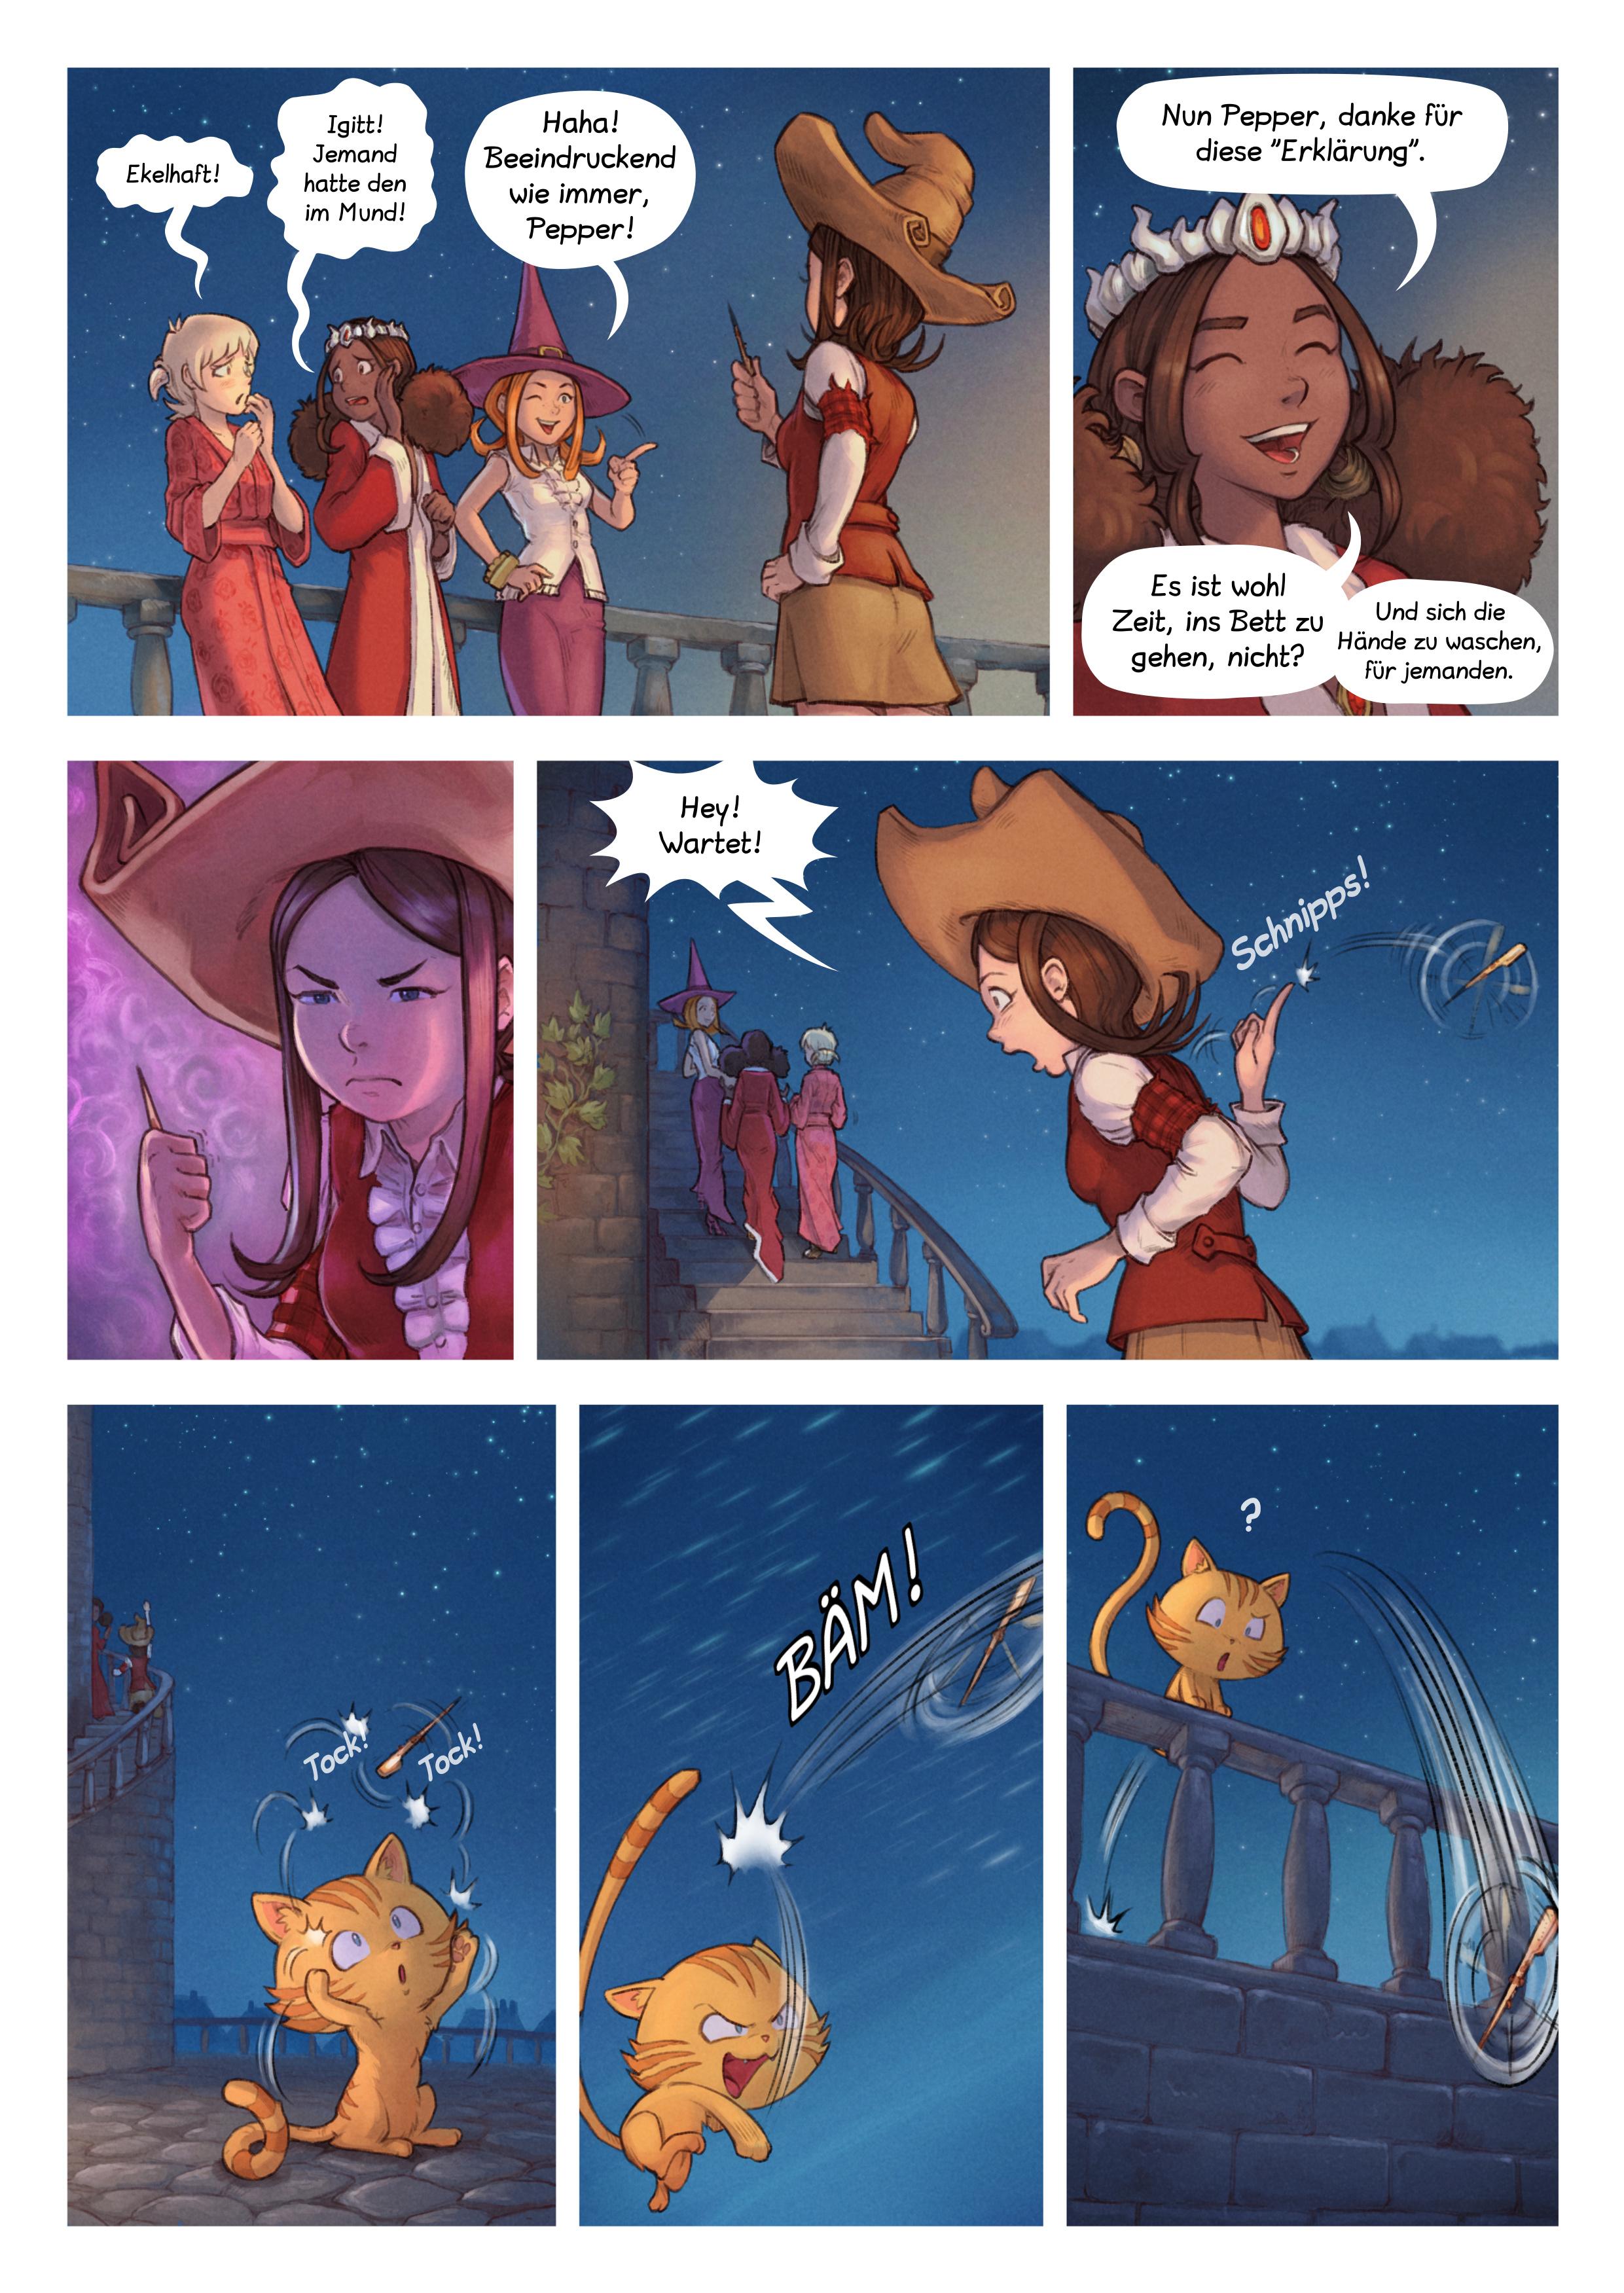 Episode 29: Der Weltenzerstörer, Page 4